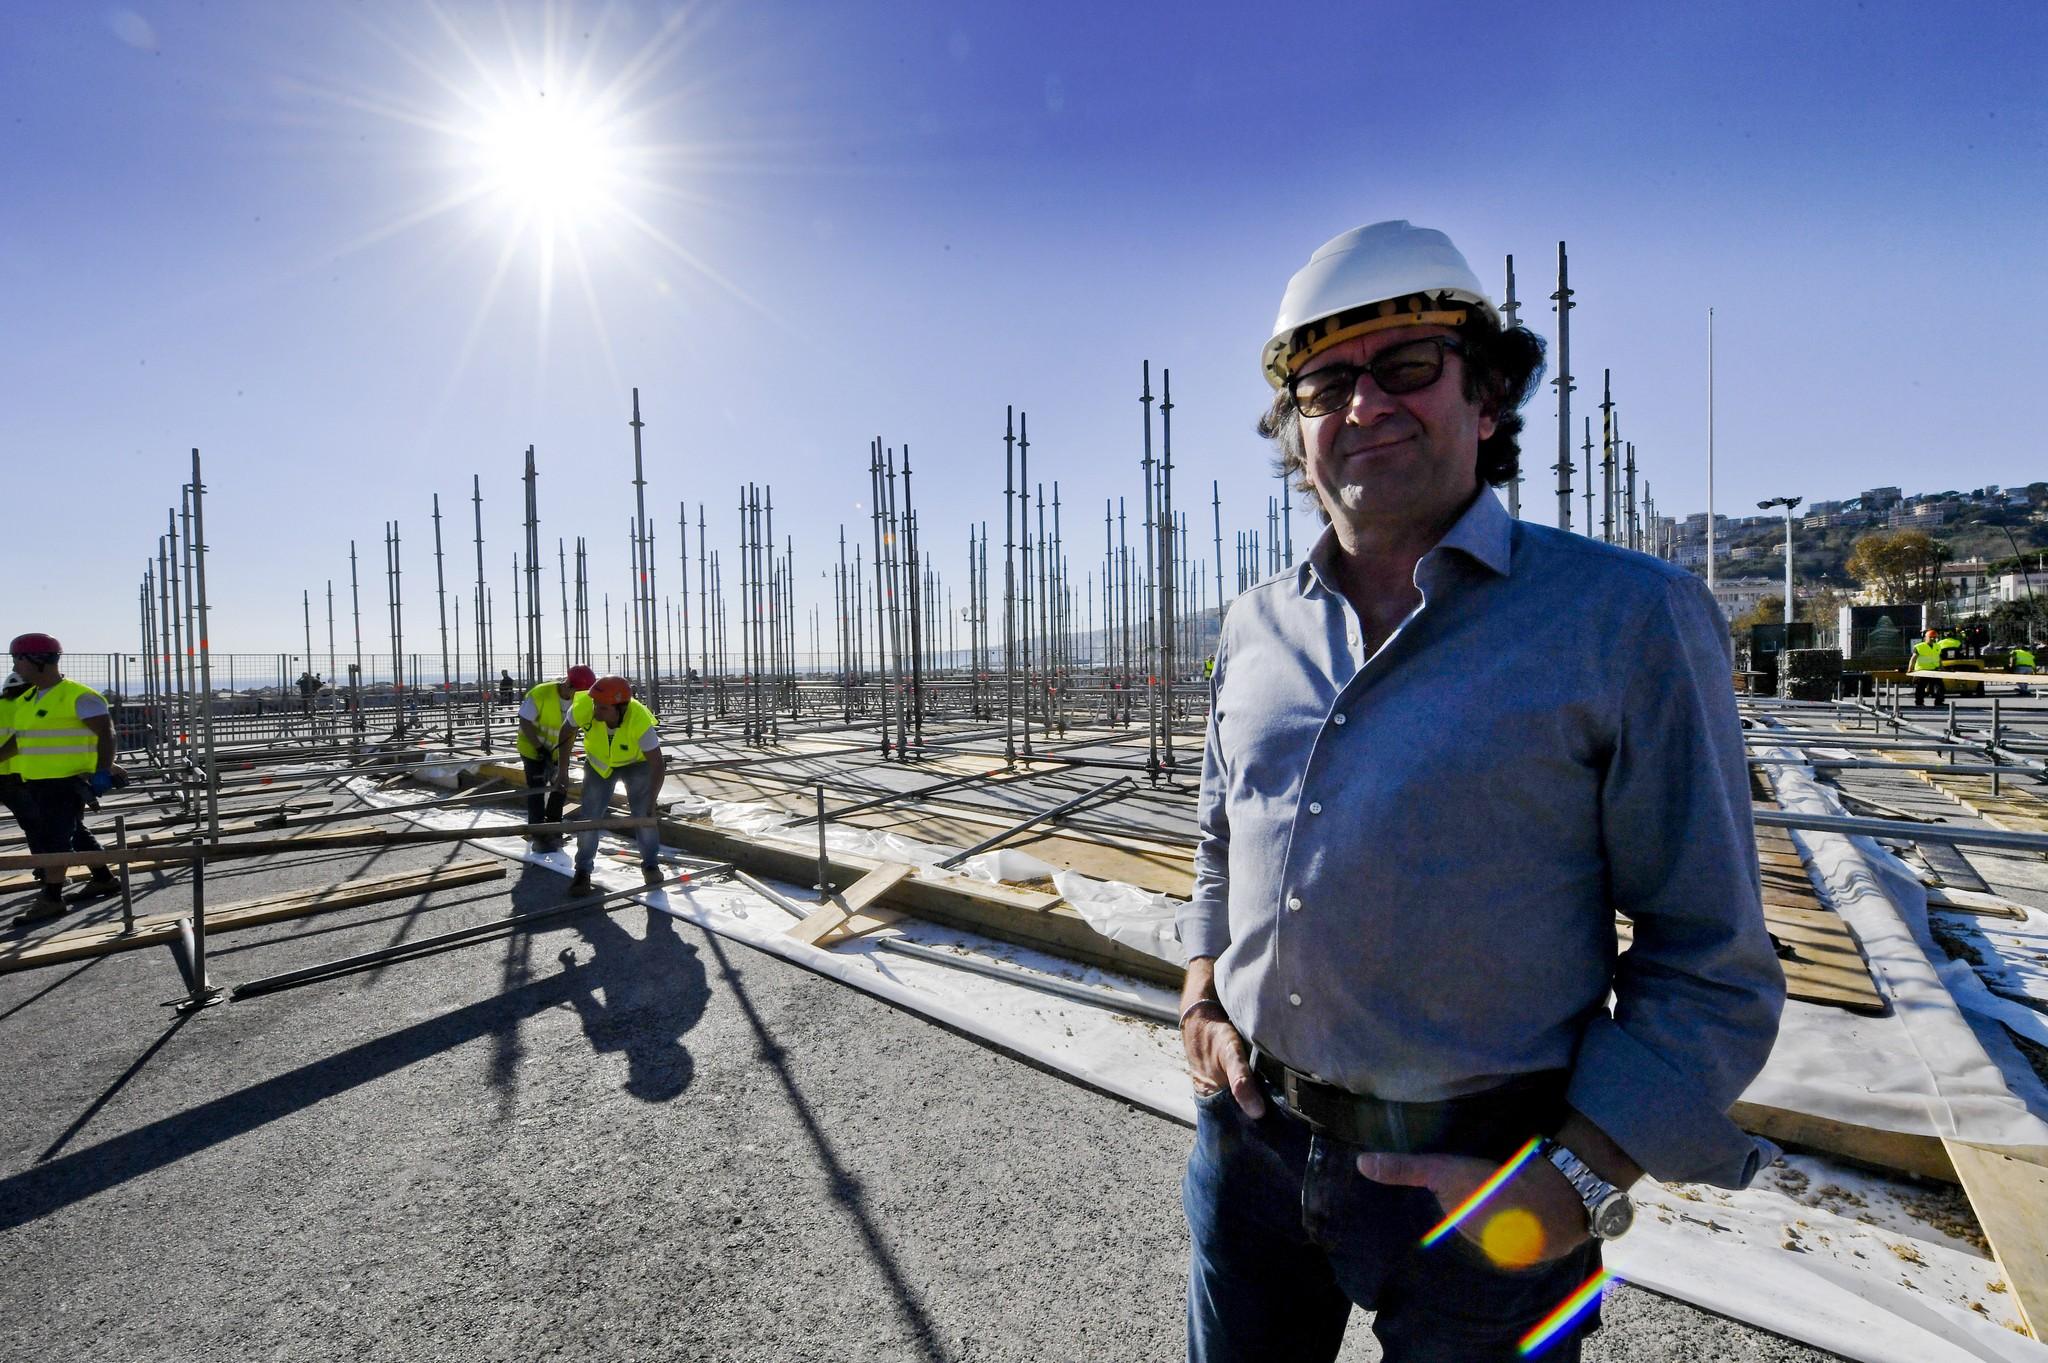 Pasquale Aulenta, patron della Italstage segue i lavori per lìallestimento 'N'Albero' la struttura di 40 metri che sorgerà alla Rotonda Diaz, sul lungomare di Napoli per festeggiare il Natale, 21 novembre 2016. ANSA / CIRO FUSCO